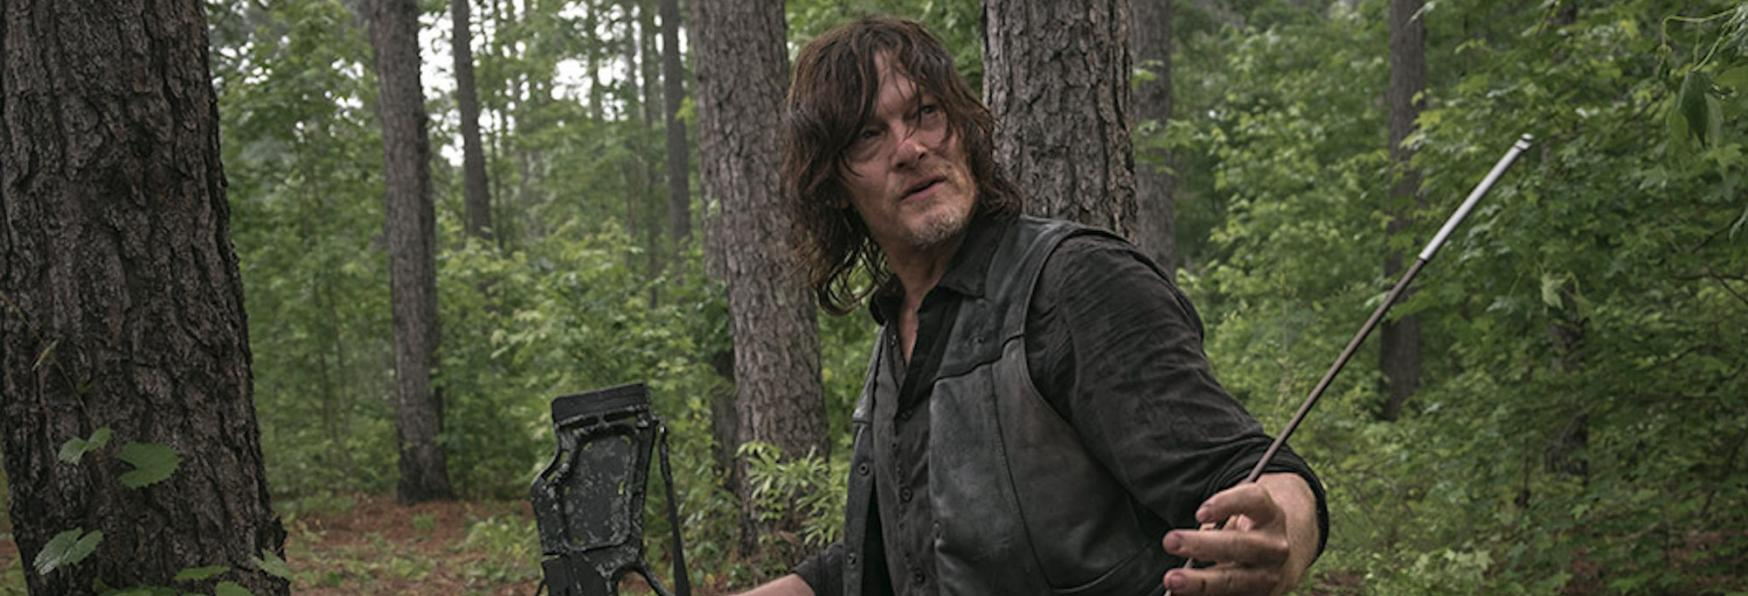 The Walking Dead 10: Episodi Speciali in Onda prima del Debutto del Finale di Stagione